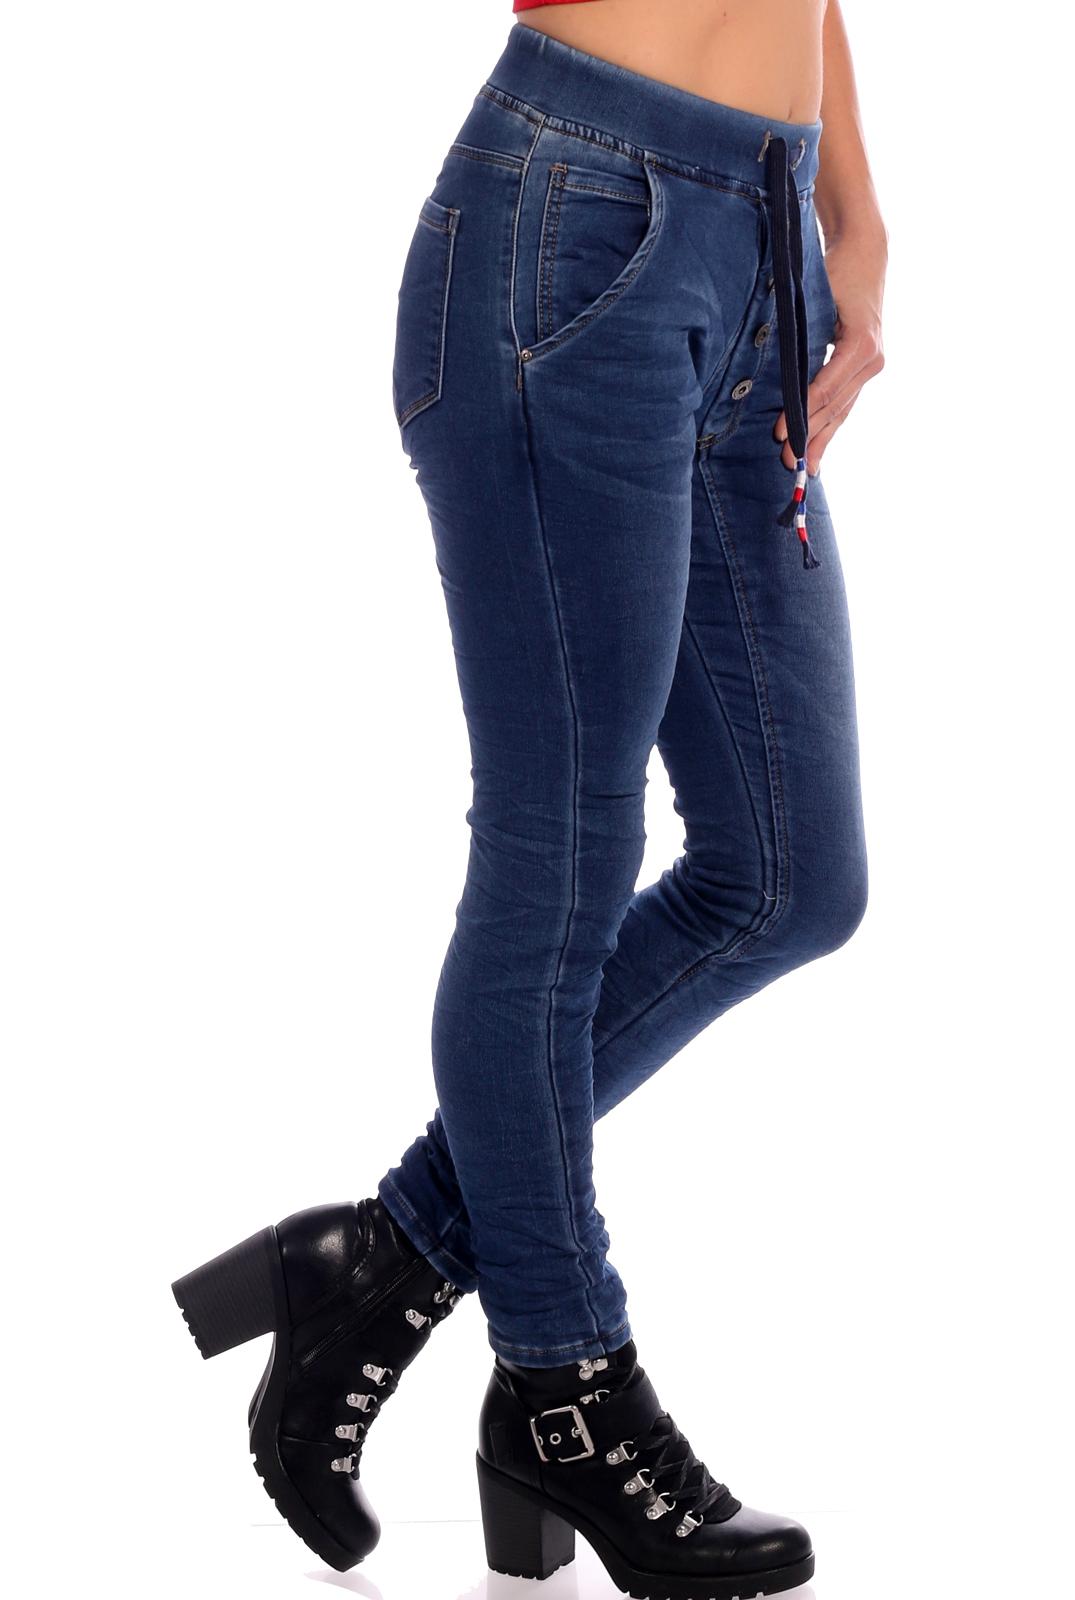 Jeans Stretchbund mit Tunnelzugschnürung Cropp Style und